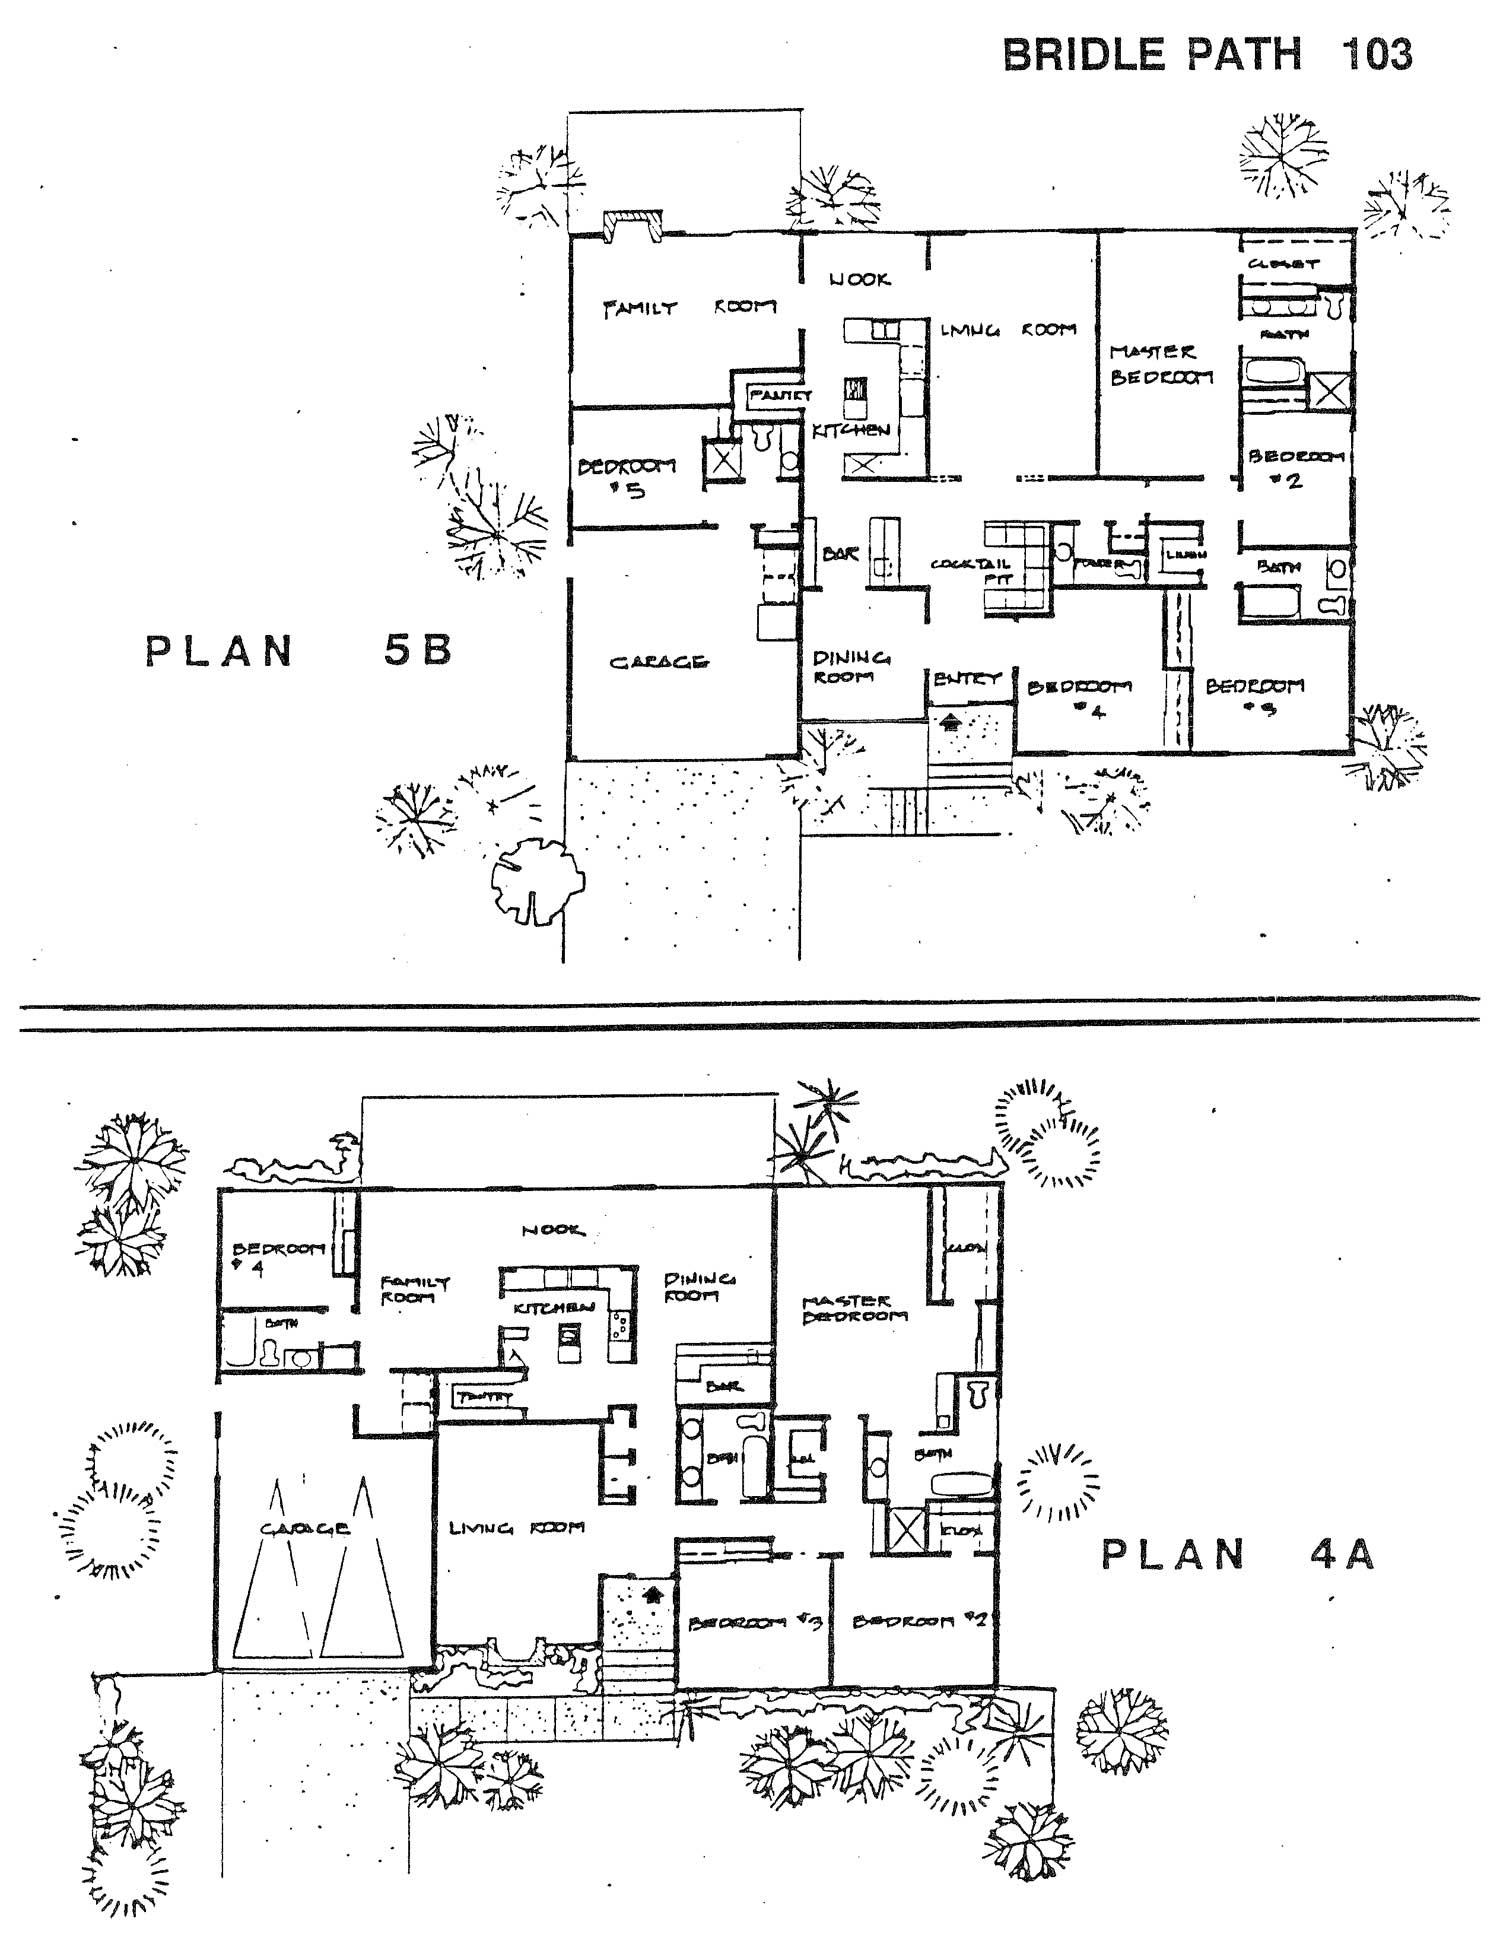 Bridle Path - Plan 4A & 5B